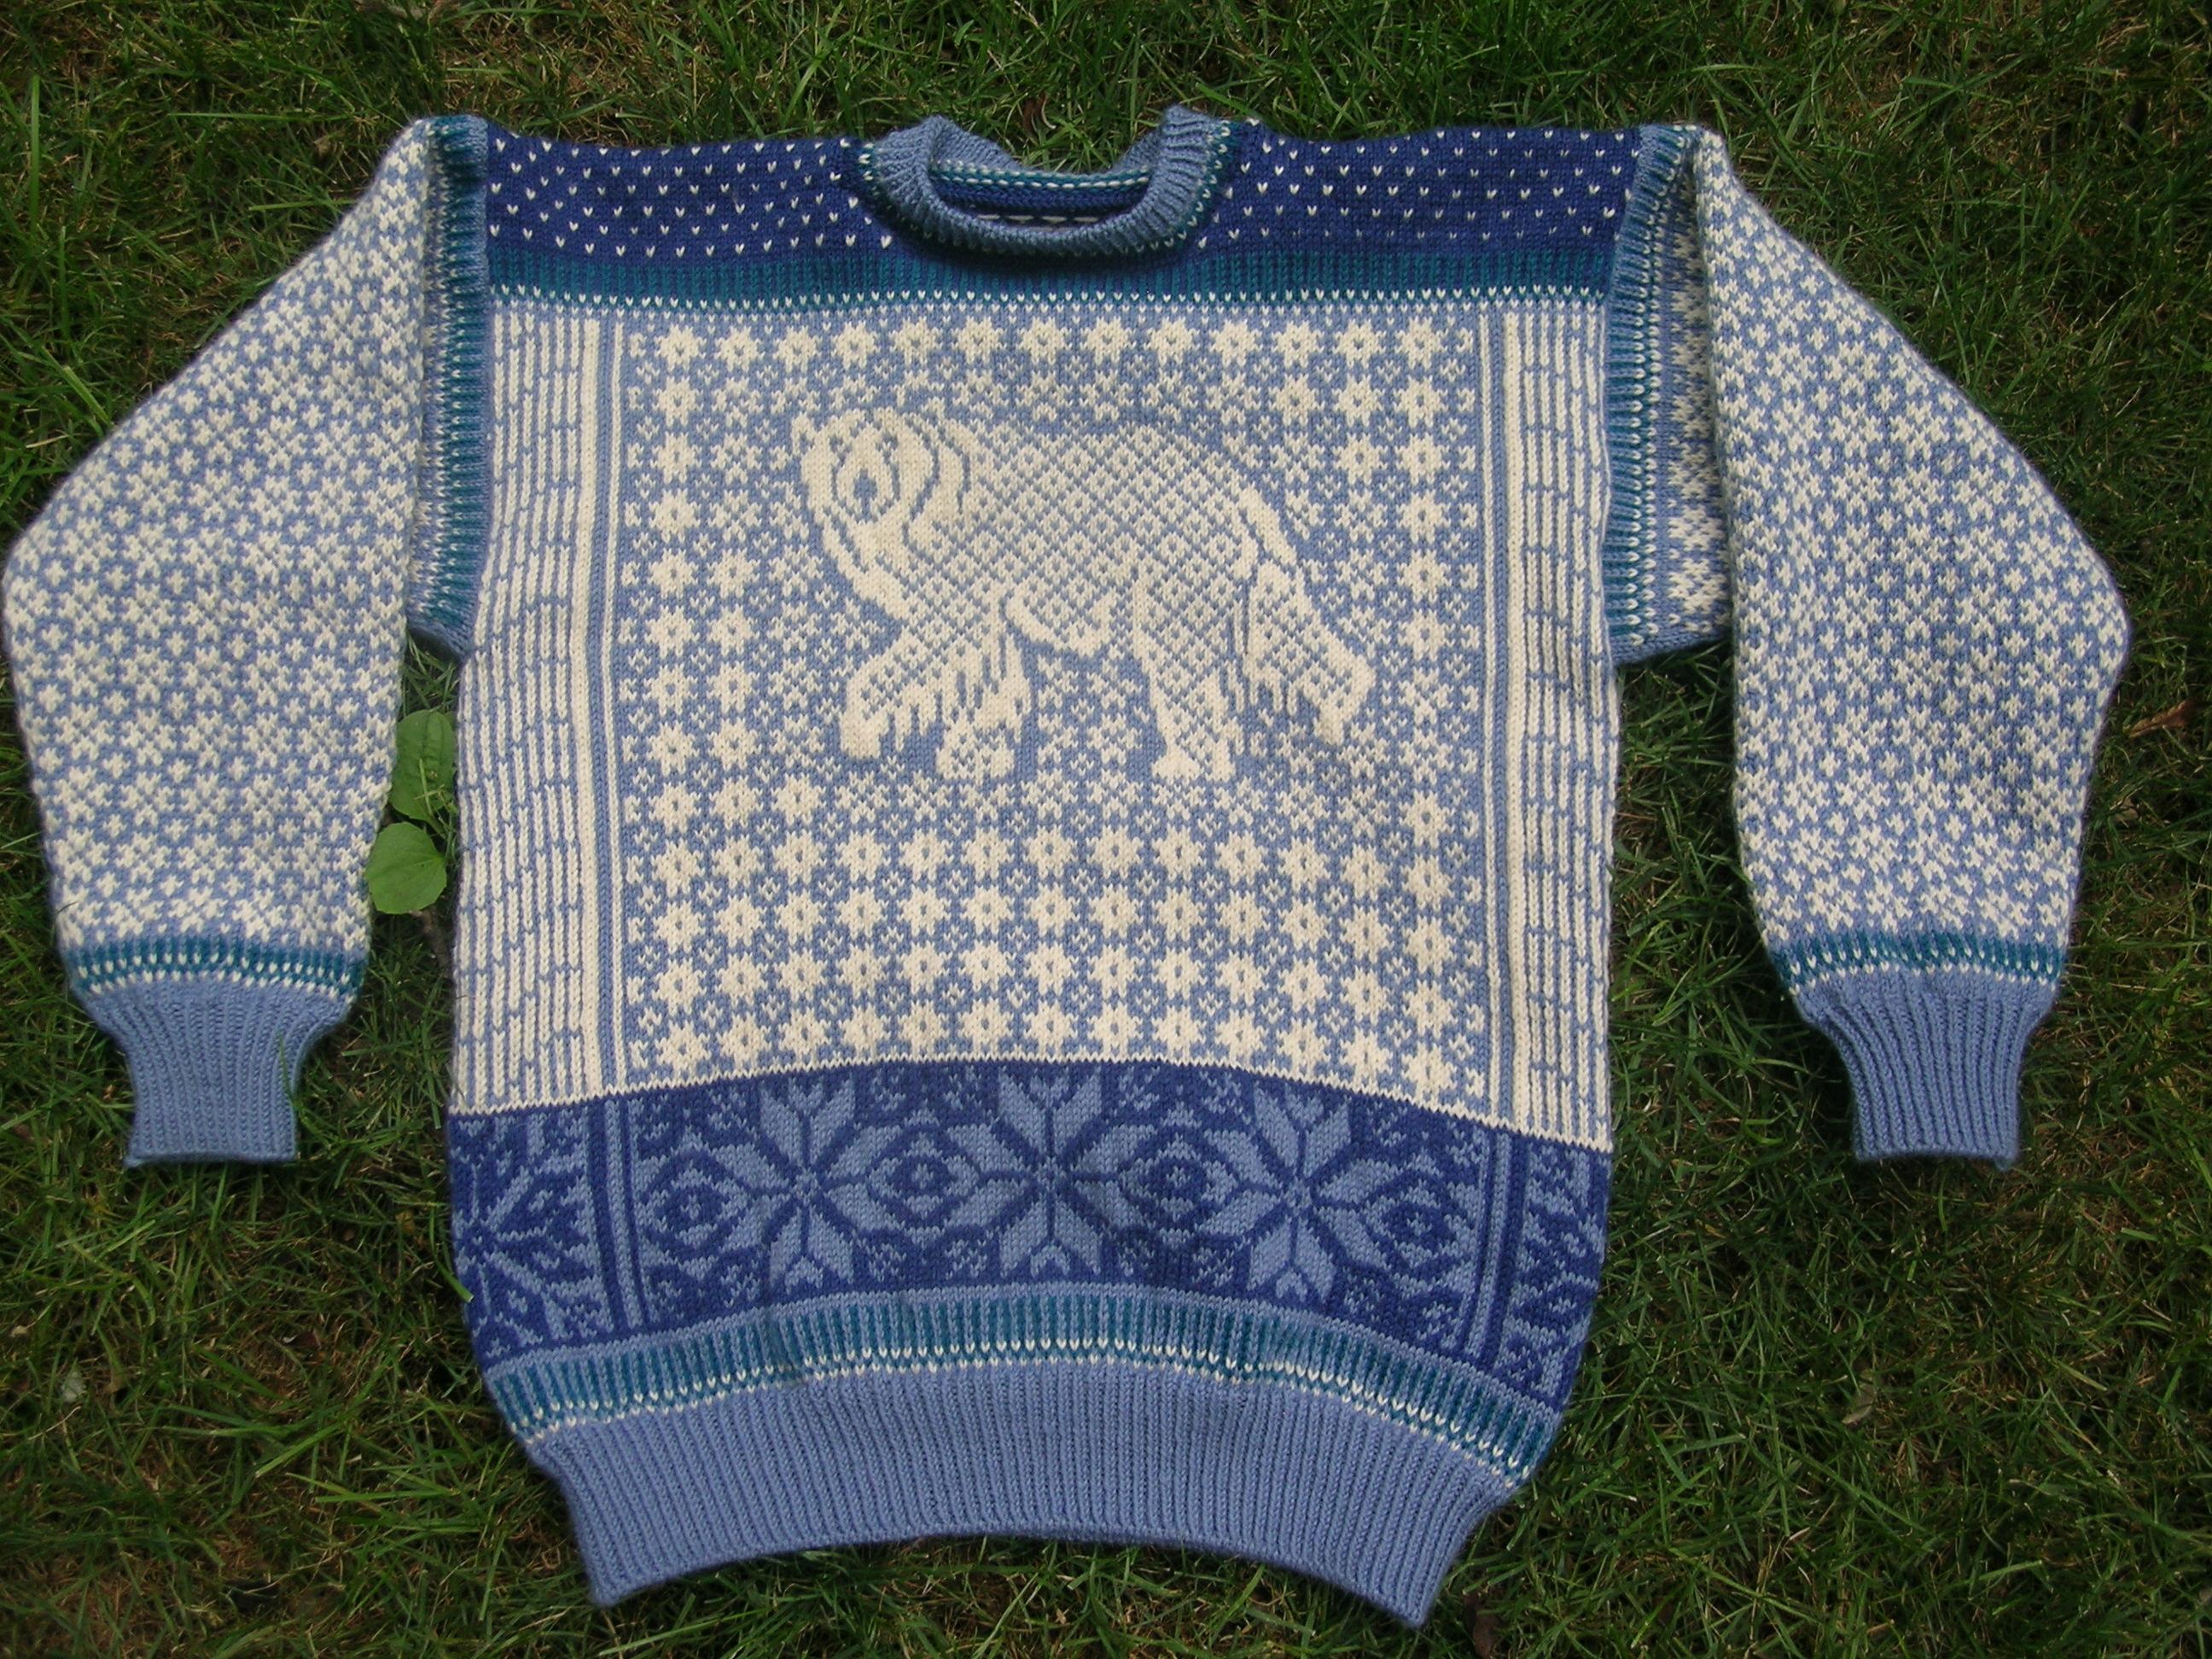 Norwegian Sweater Knitting Patterns : Norwegian Knitting Patterns Patterns Gallery